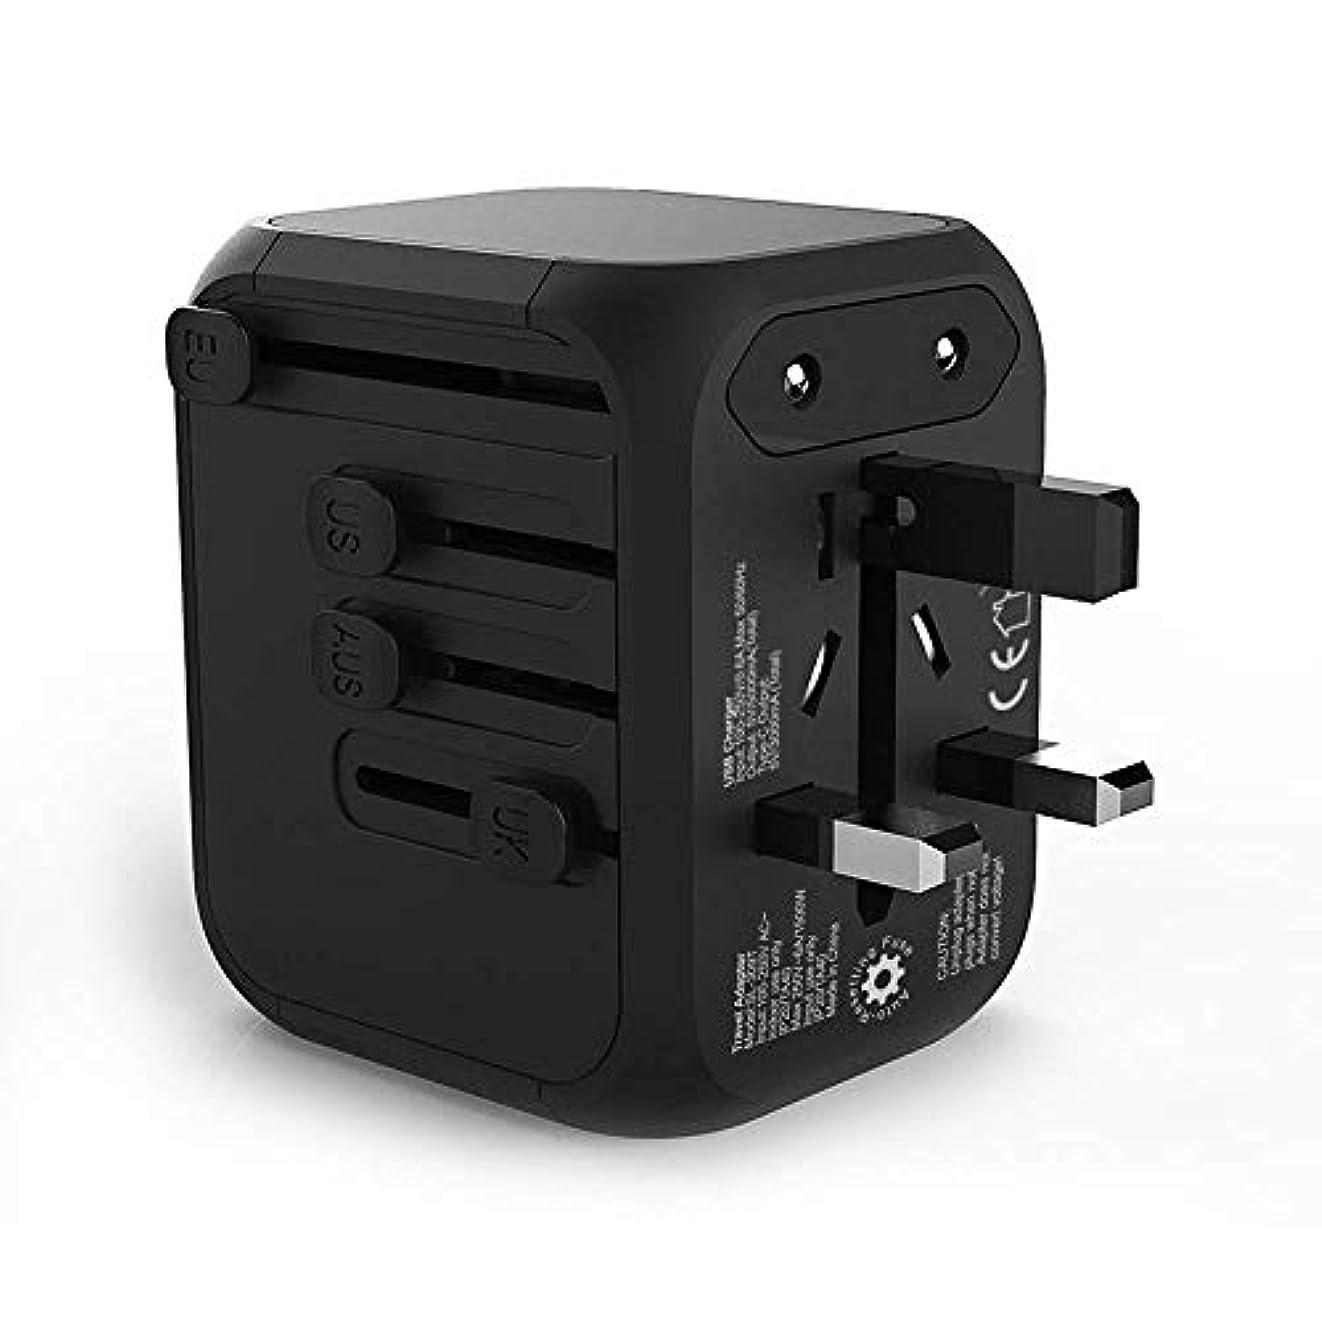 ベギンバズ授業料USB充電器プラグ、各国用ソケット穴、ウォールチャージャー、5.0A、1Type-c、3ポートUSBプラグ充電器、iOS、iPad、タブレット、パワーバンク、ホーム、オフィス、ブラック用